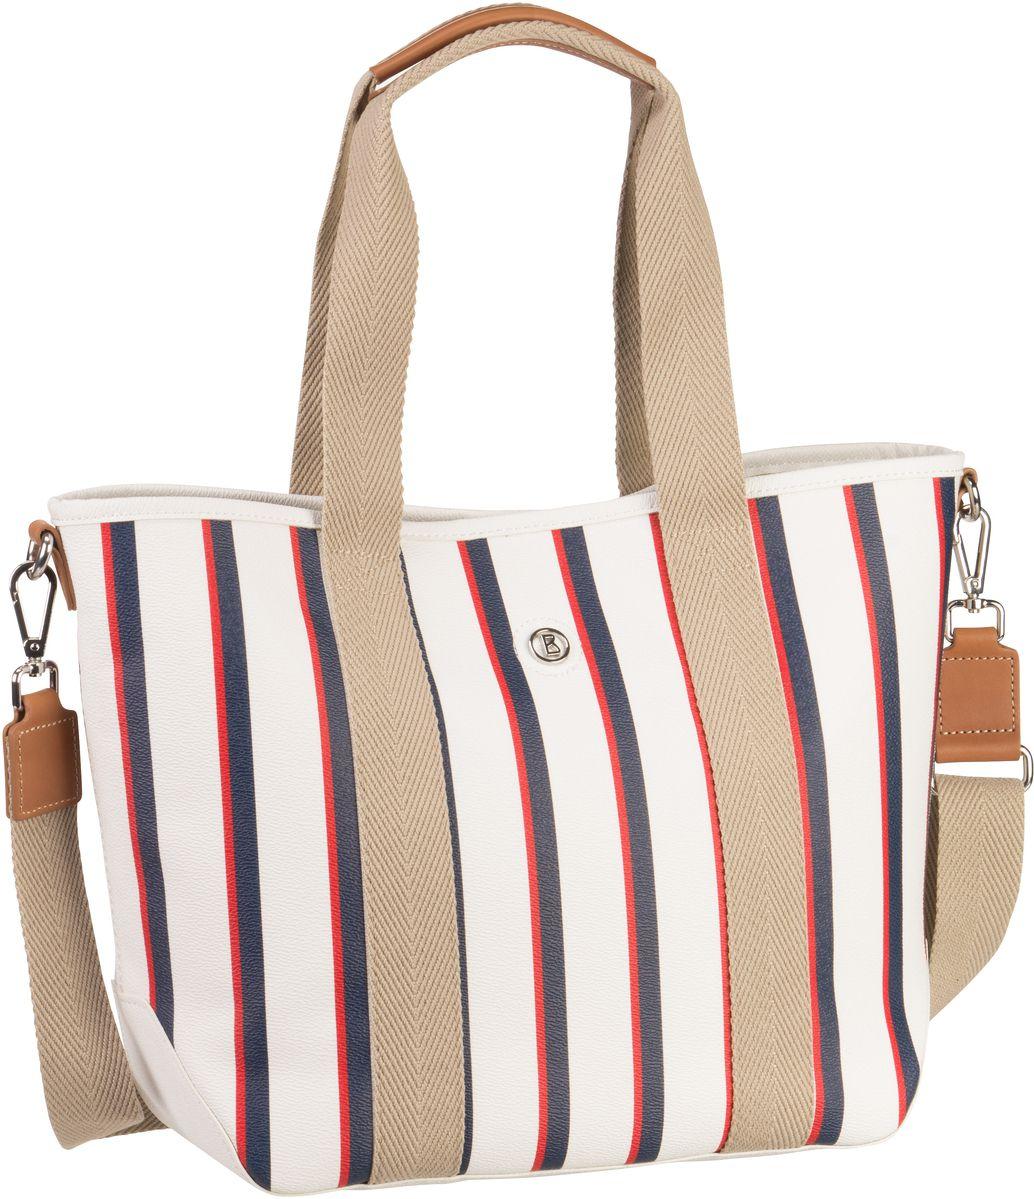 Handtaschen für Frauen - Bogner Long Island Laury Stripes (innen Beige) Handtasche  - Onlineshop Taschenkaufhaus